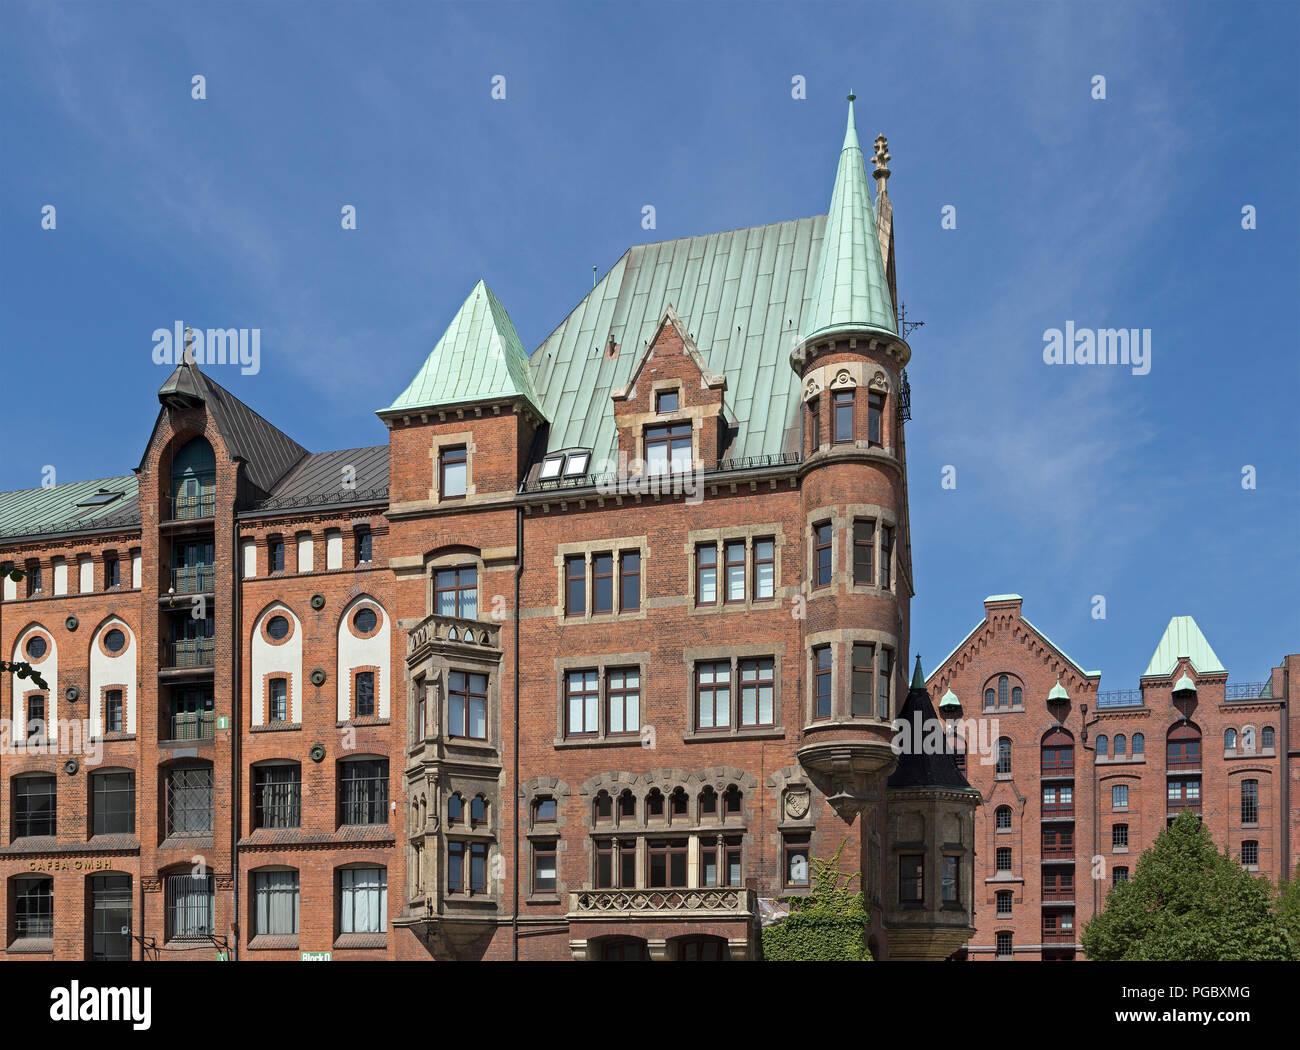 Alte Gebäude, Speicherstadt (Warehouse district), Hamburg, Deutschland Stockbild